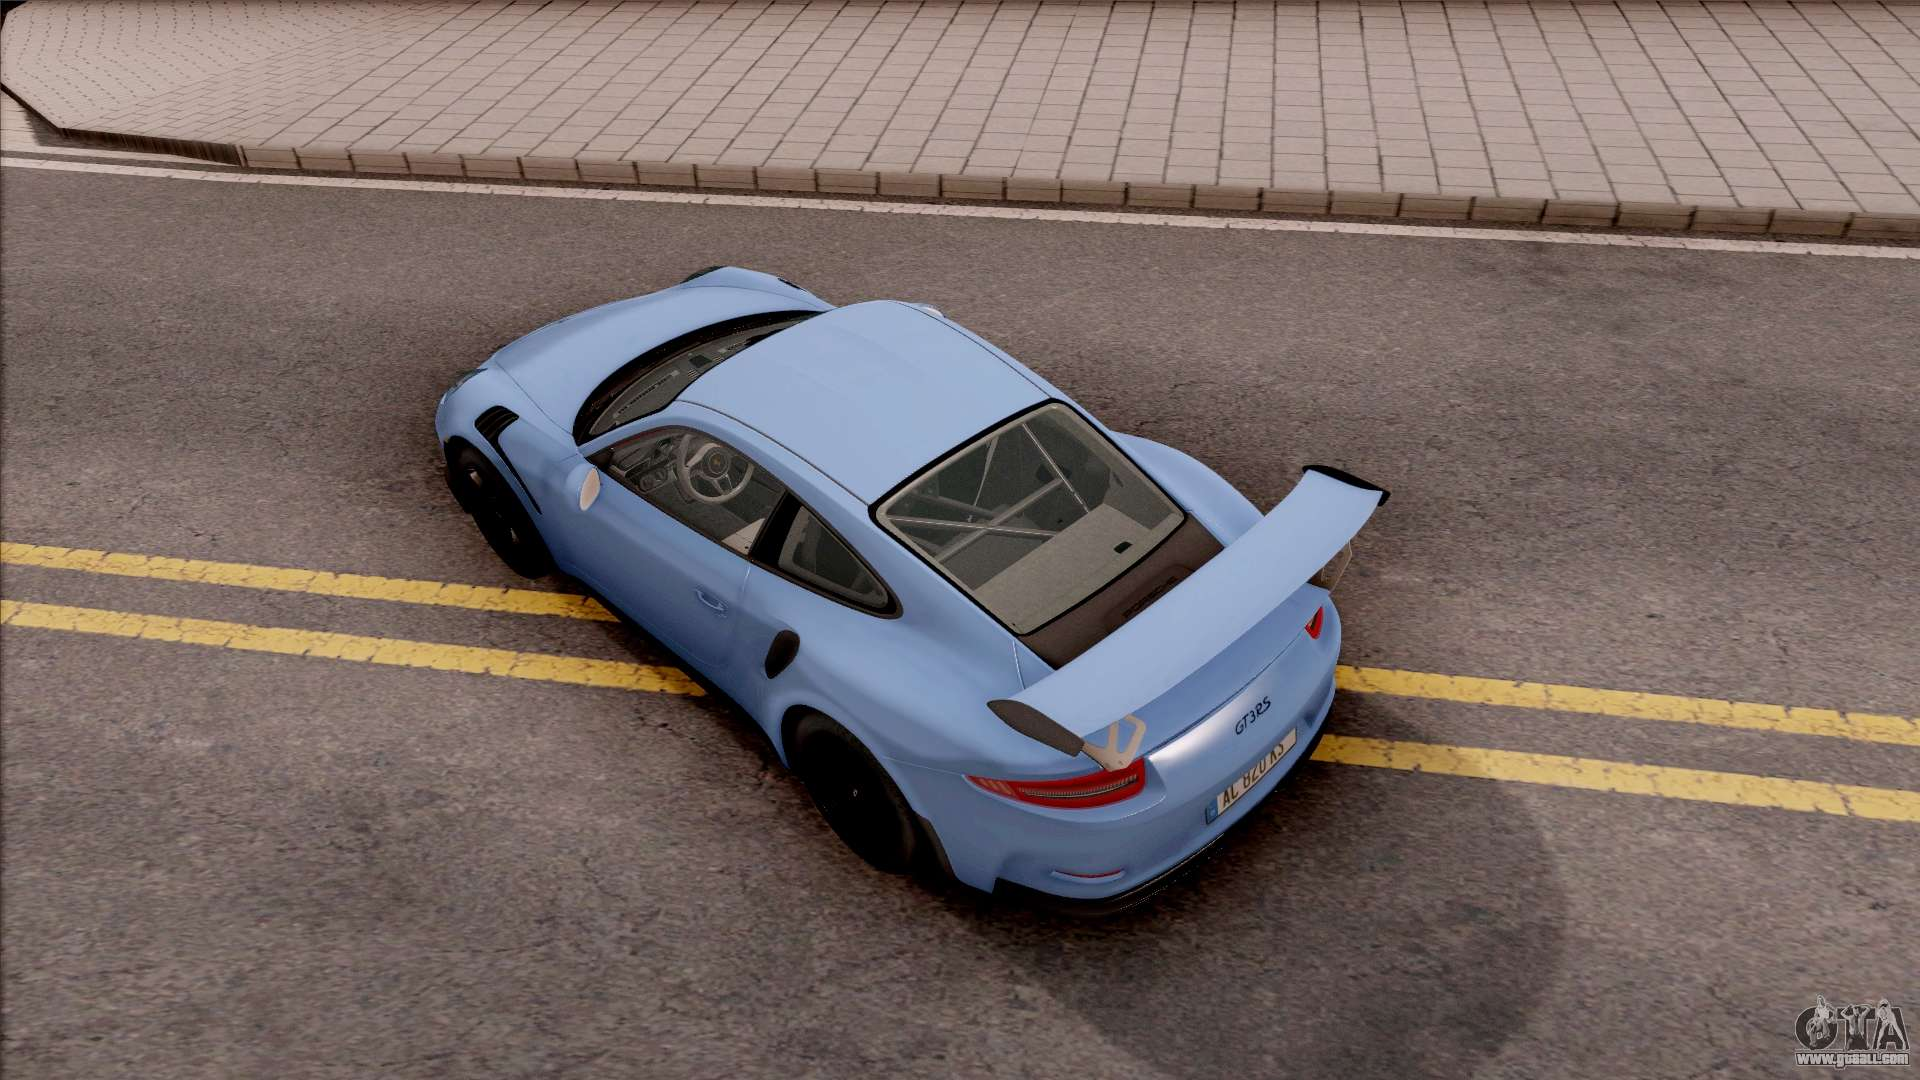 530778-enb2017-11-17-23-38-4 Remarkable Porsche 911 Gt2 Xbox 360 Cars Trend